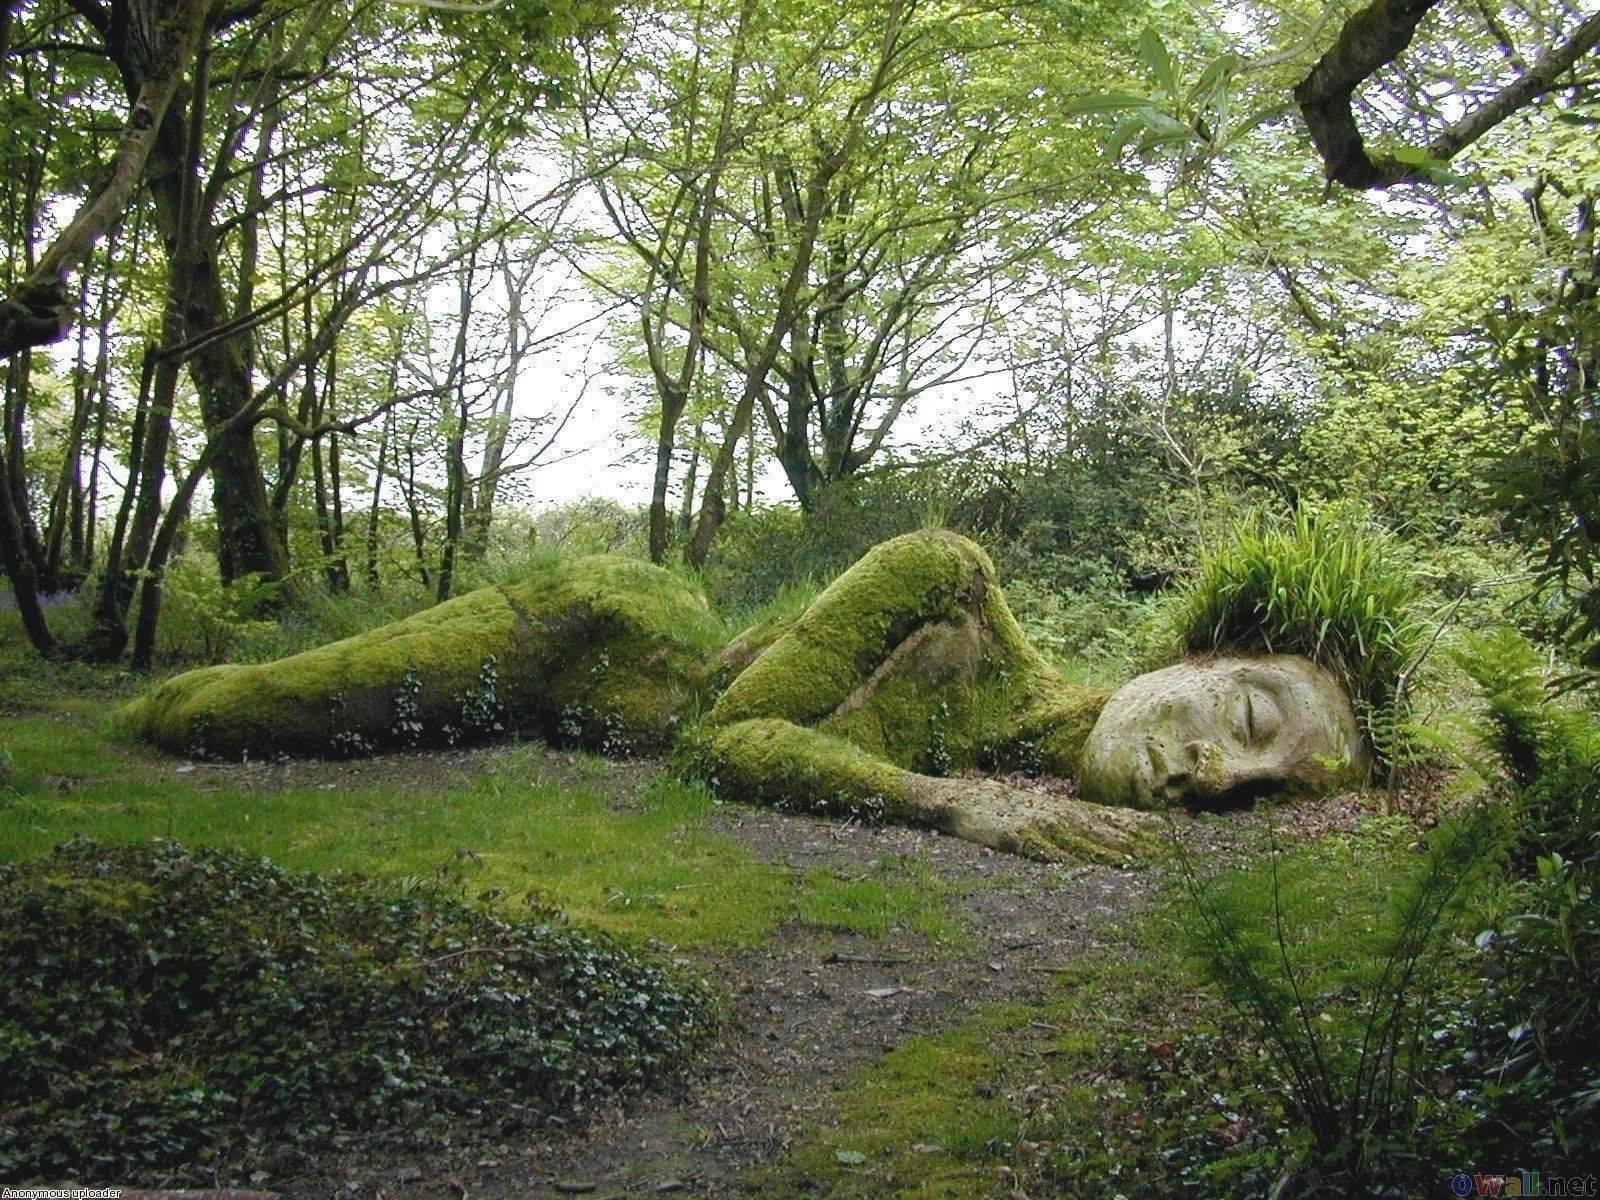 Εκεί που η φύση νίκησε τον πολιτισμό... Ανατριχιαστικές φωτογραφίες [photos] - Φωτογραφία 13